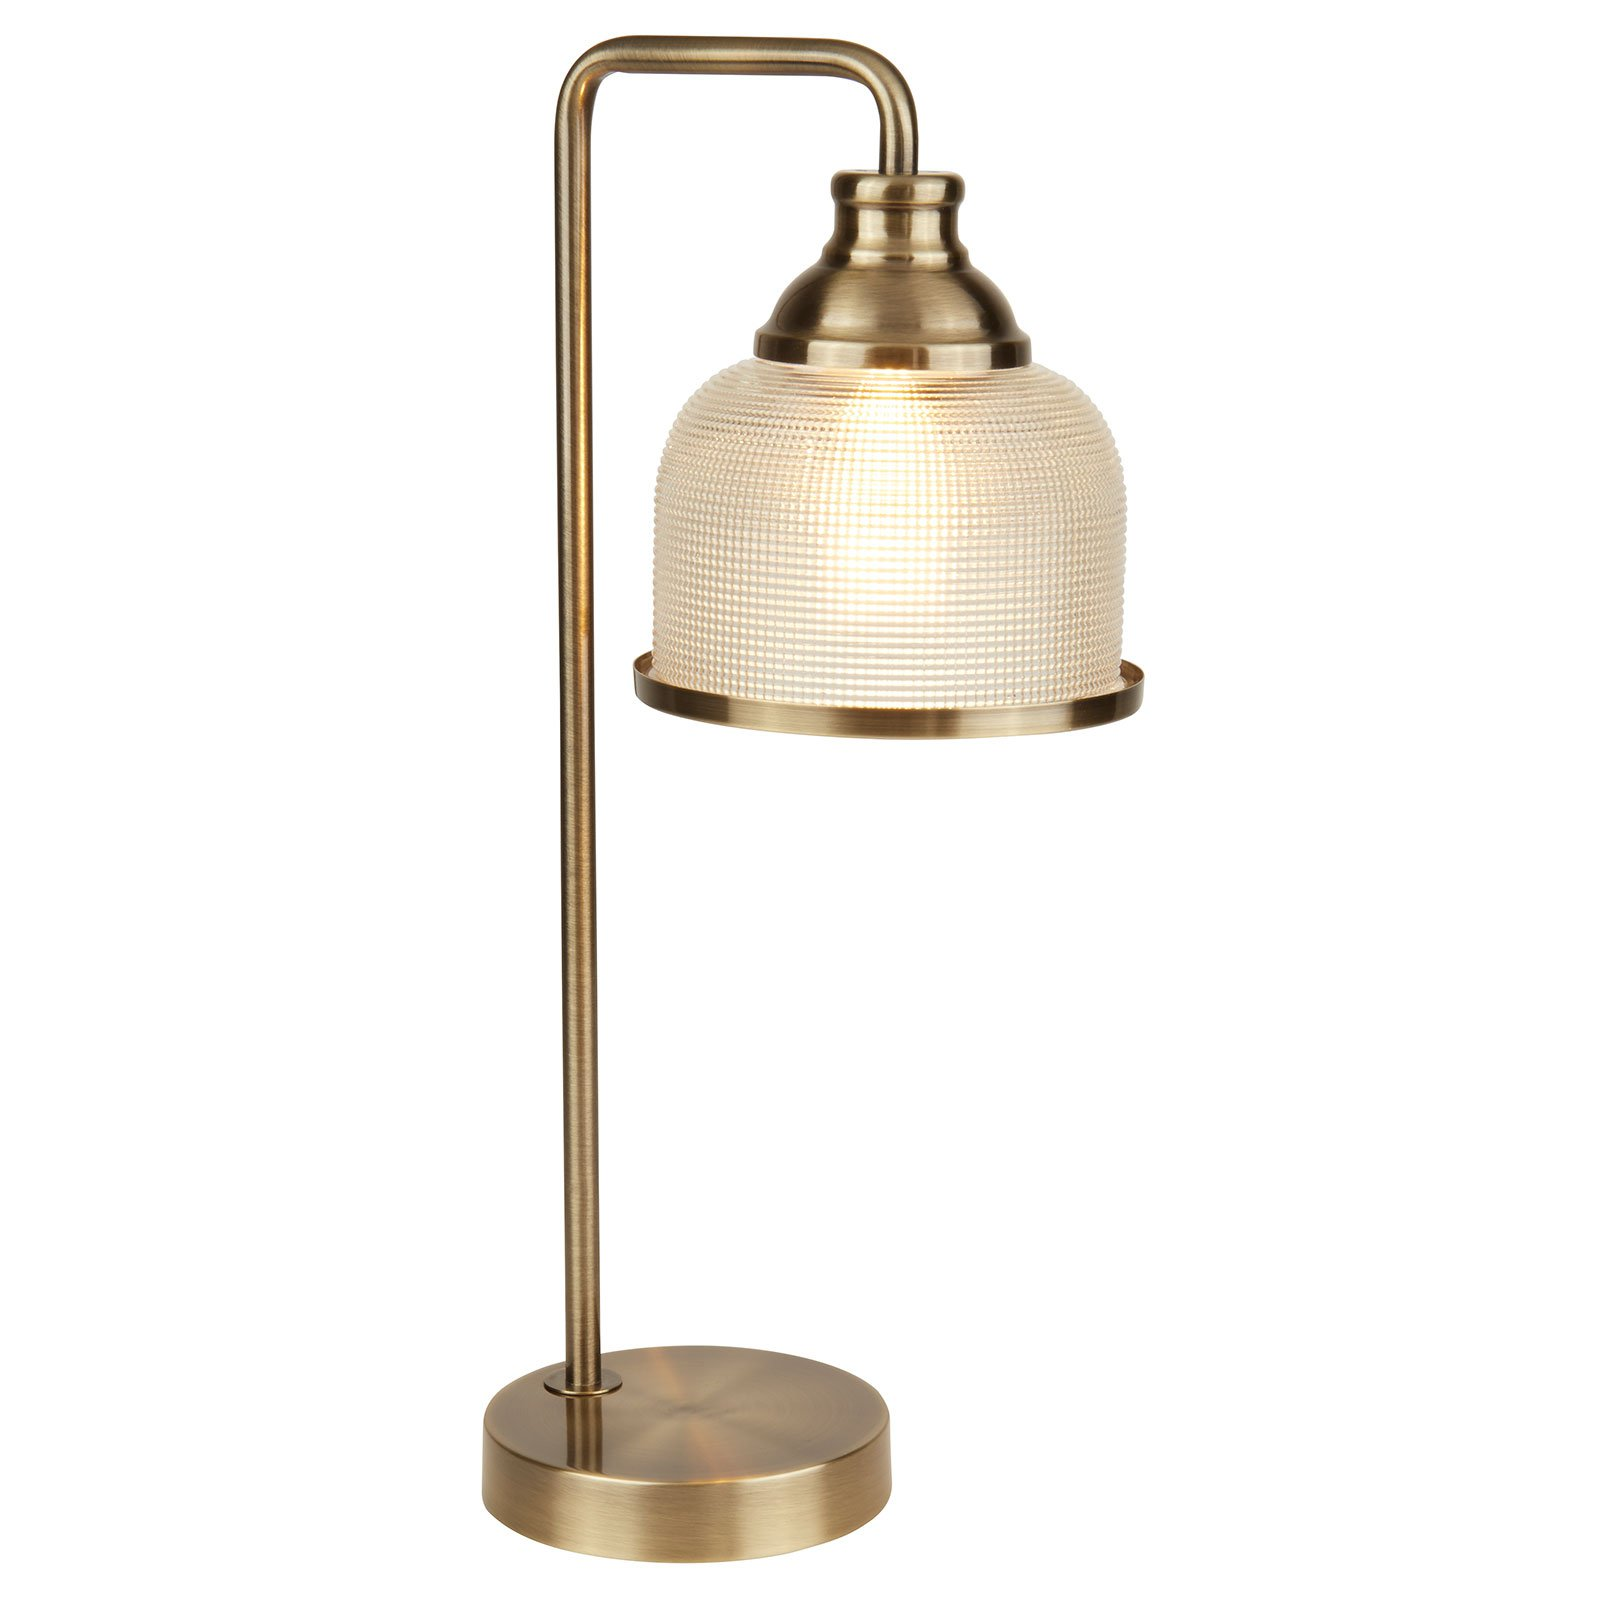 Holofanglass-bordlampe Bistro II, antikkmessing